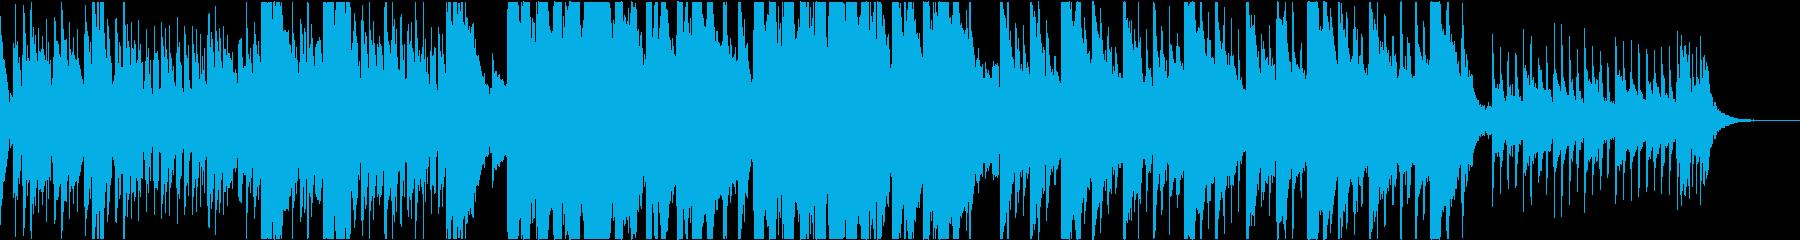 オリエンタルな響きのカバー曲です。の再生済みの波形